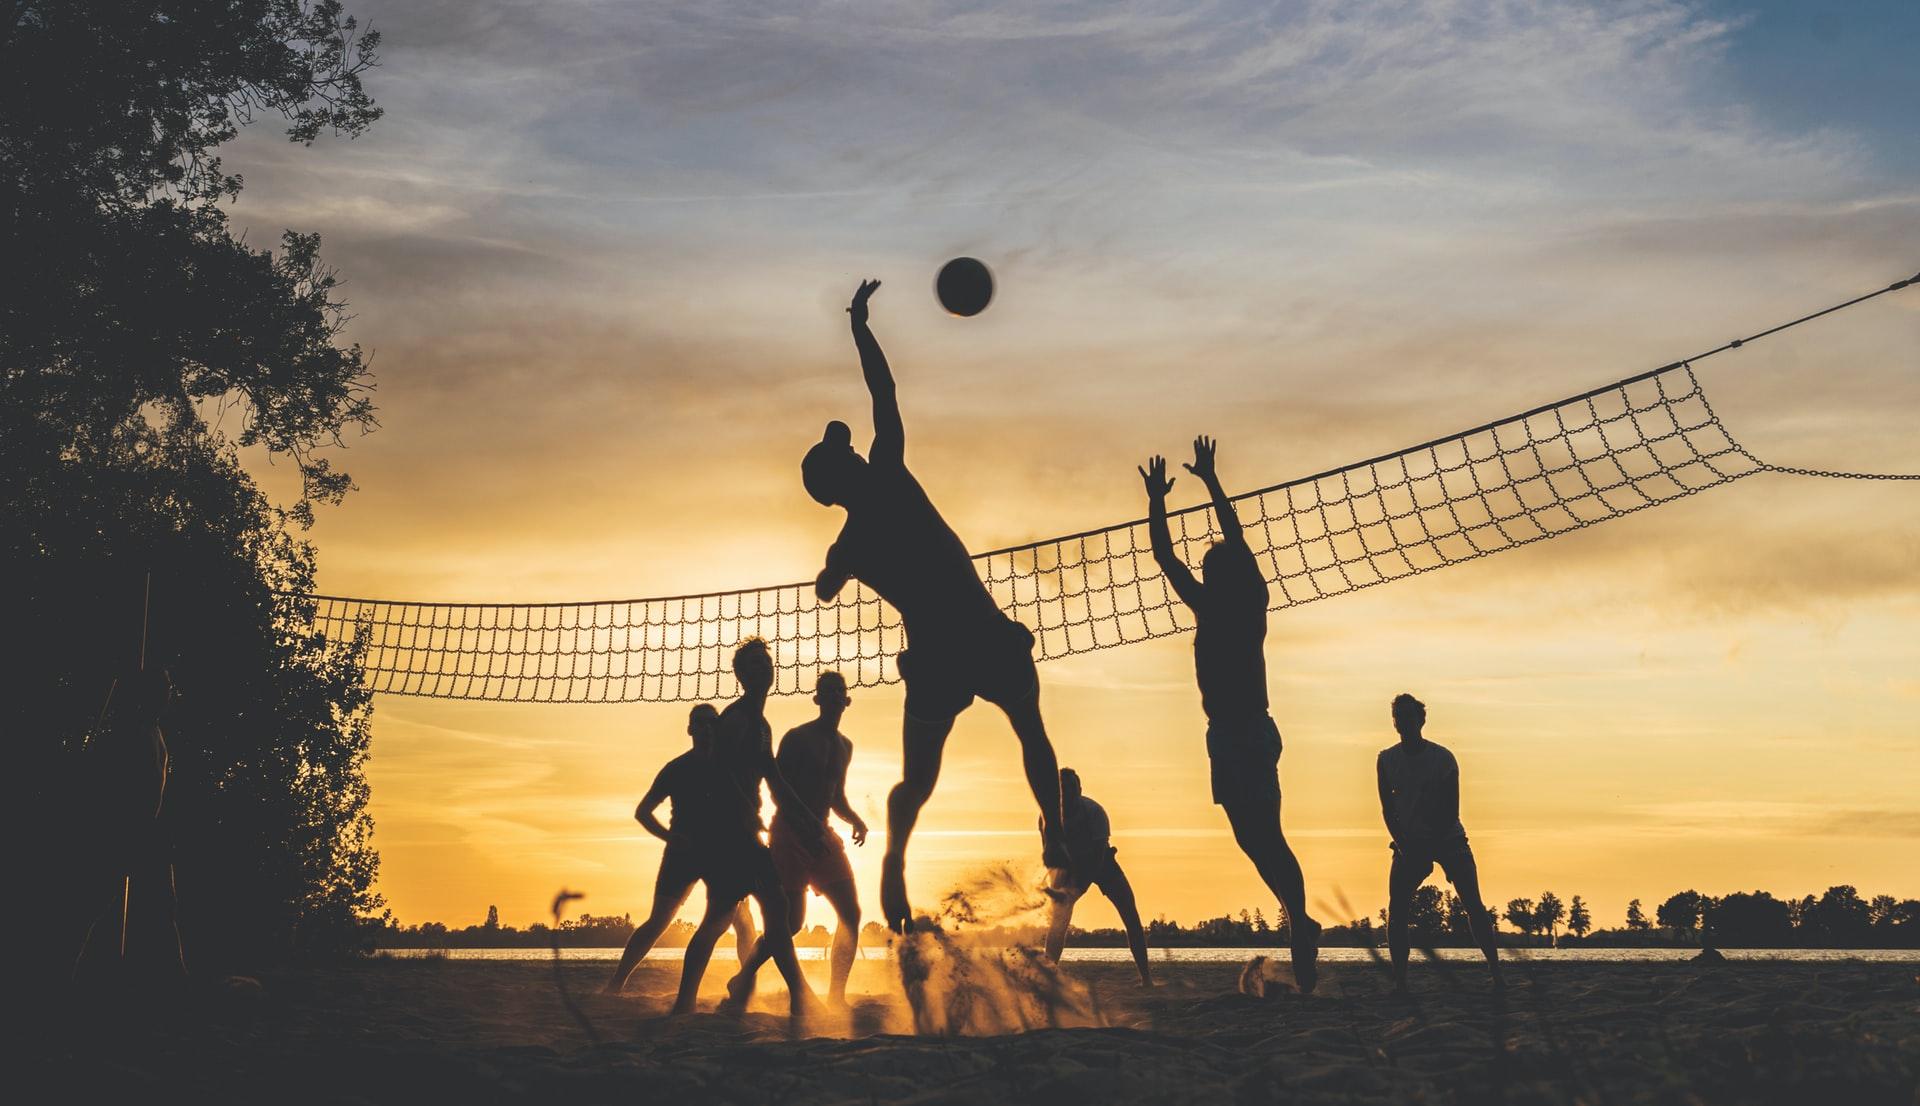 スポーツとジェンダー問題